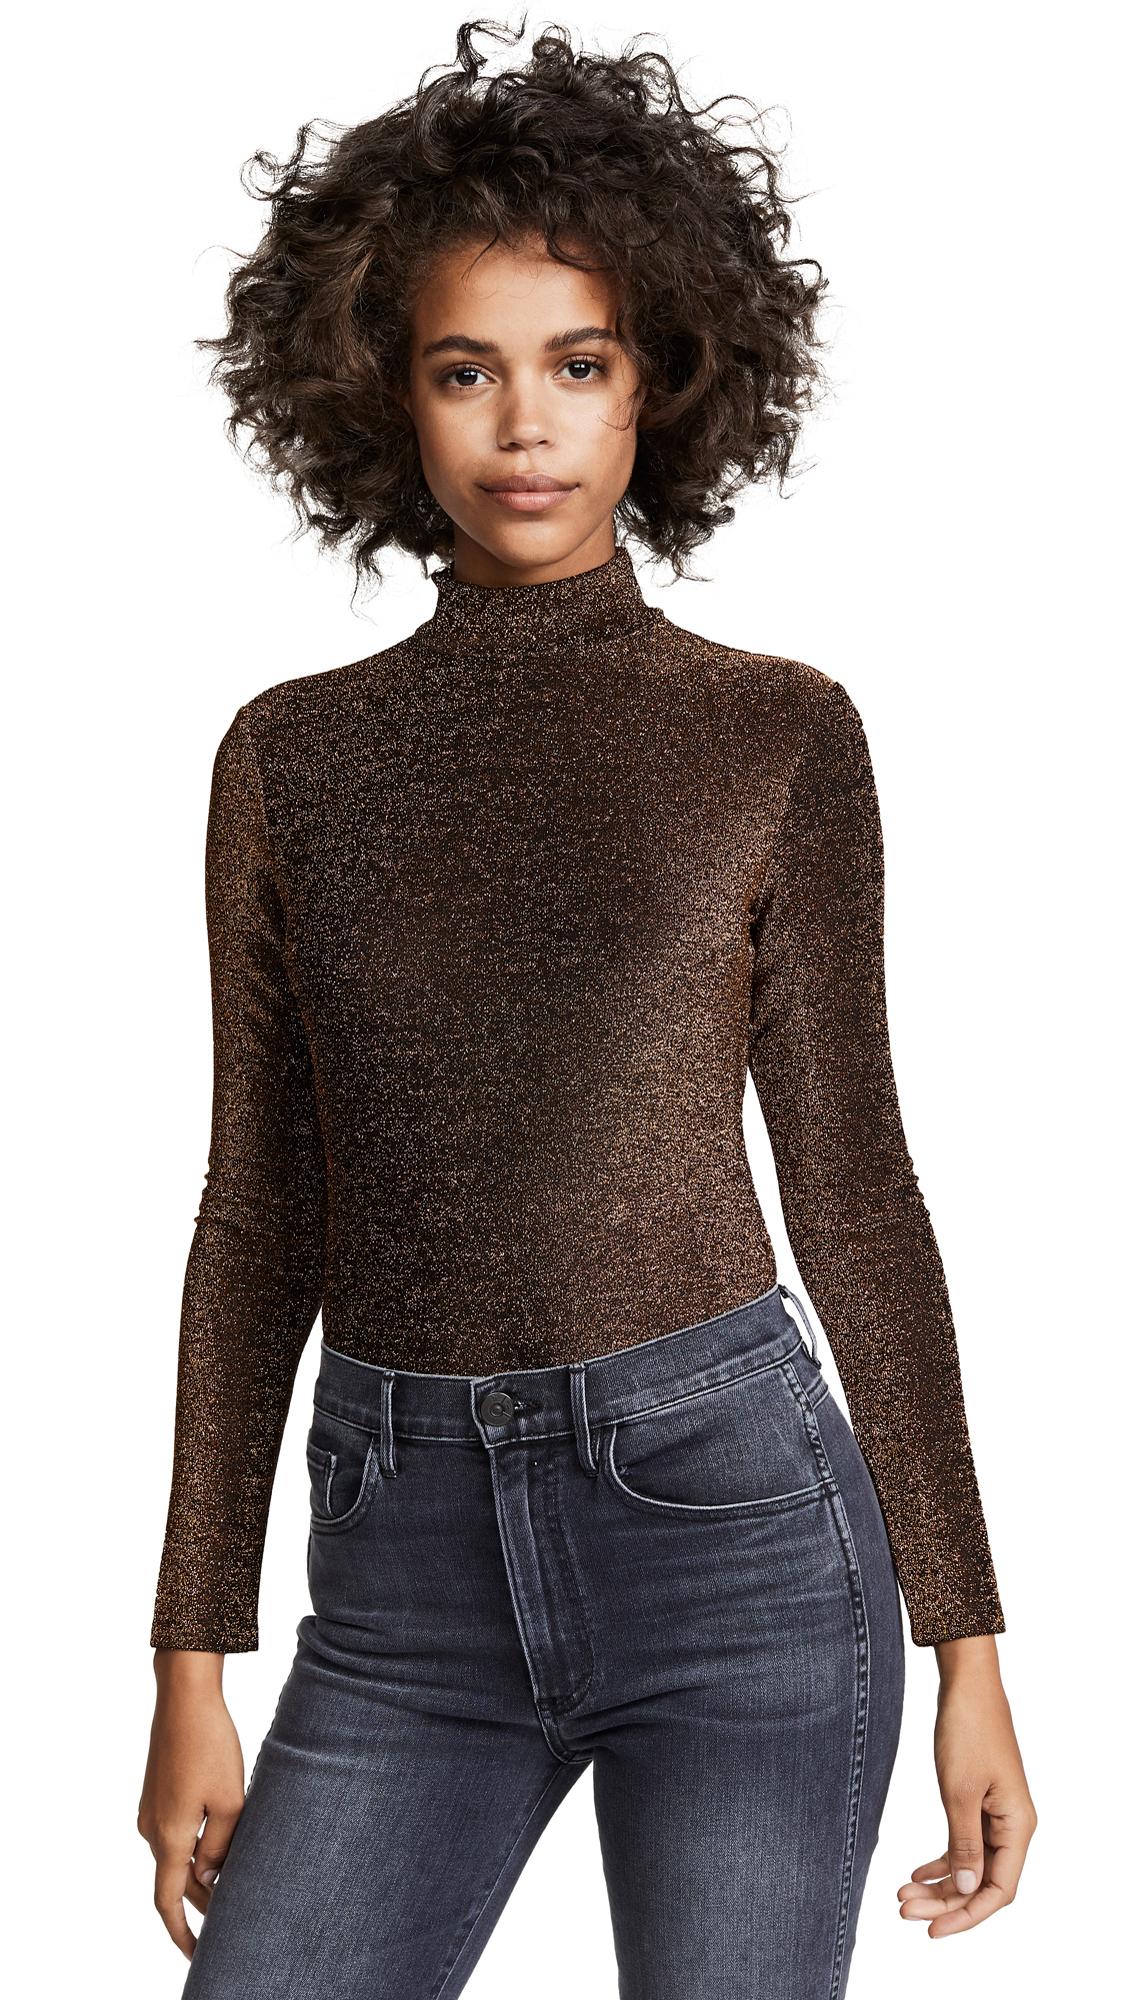 Blank Denim Star Woman Metallic Bodysuit